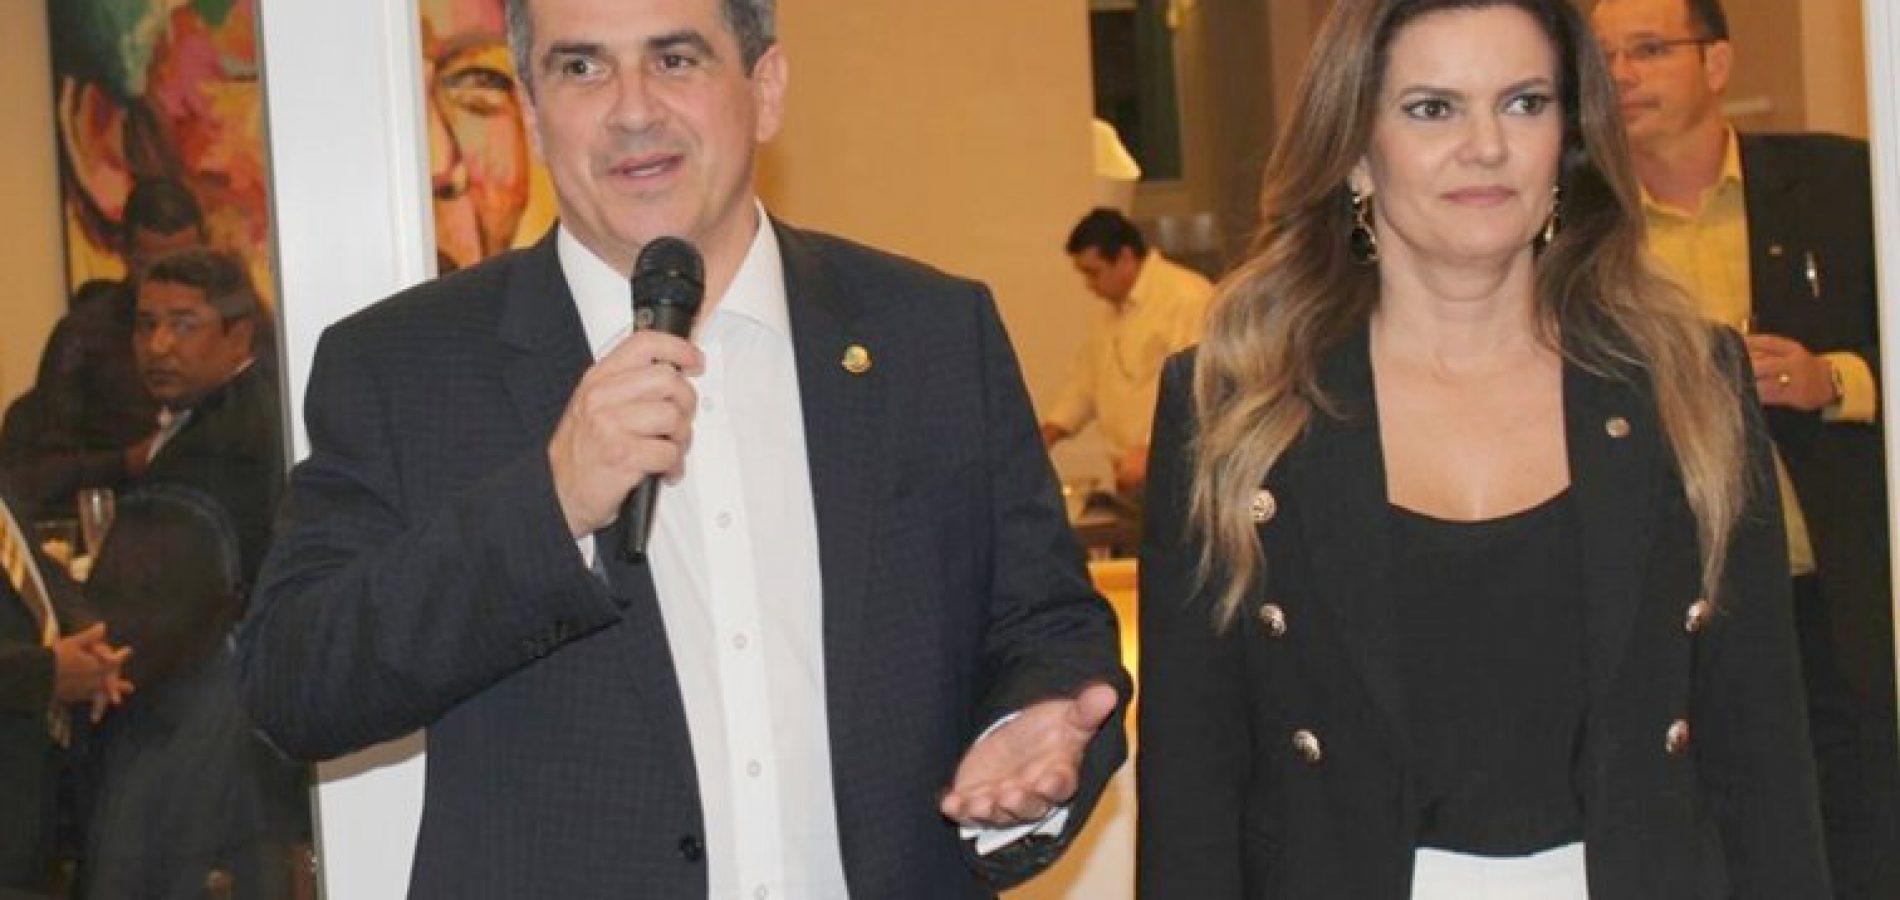 Em Brasília, prefeitos do Piauí participam de jantar na casa do Senador Ciro Nogueira